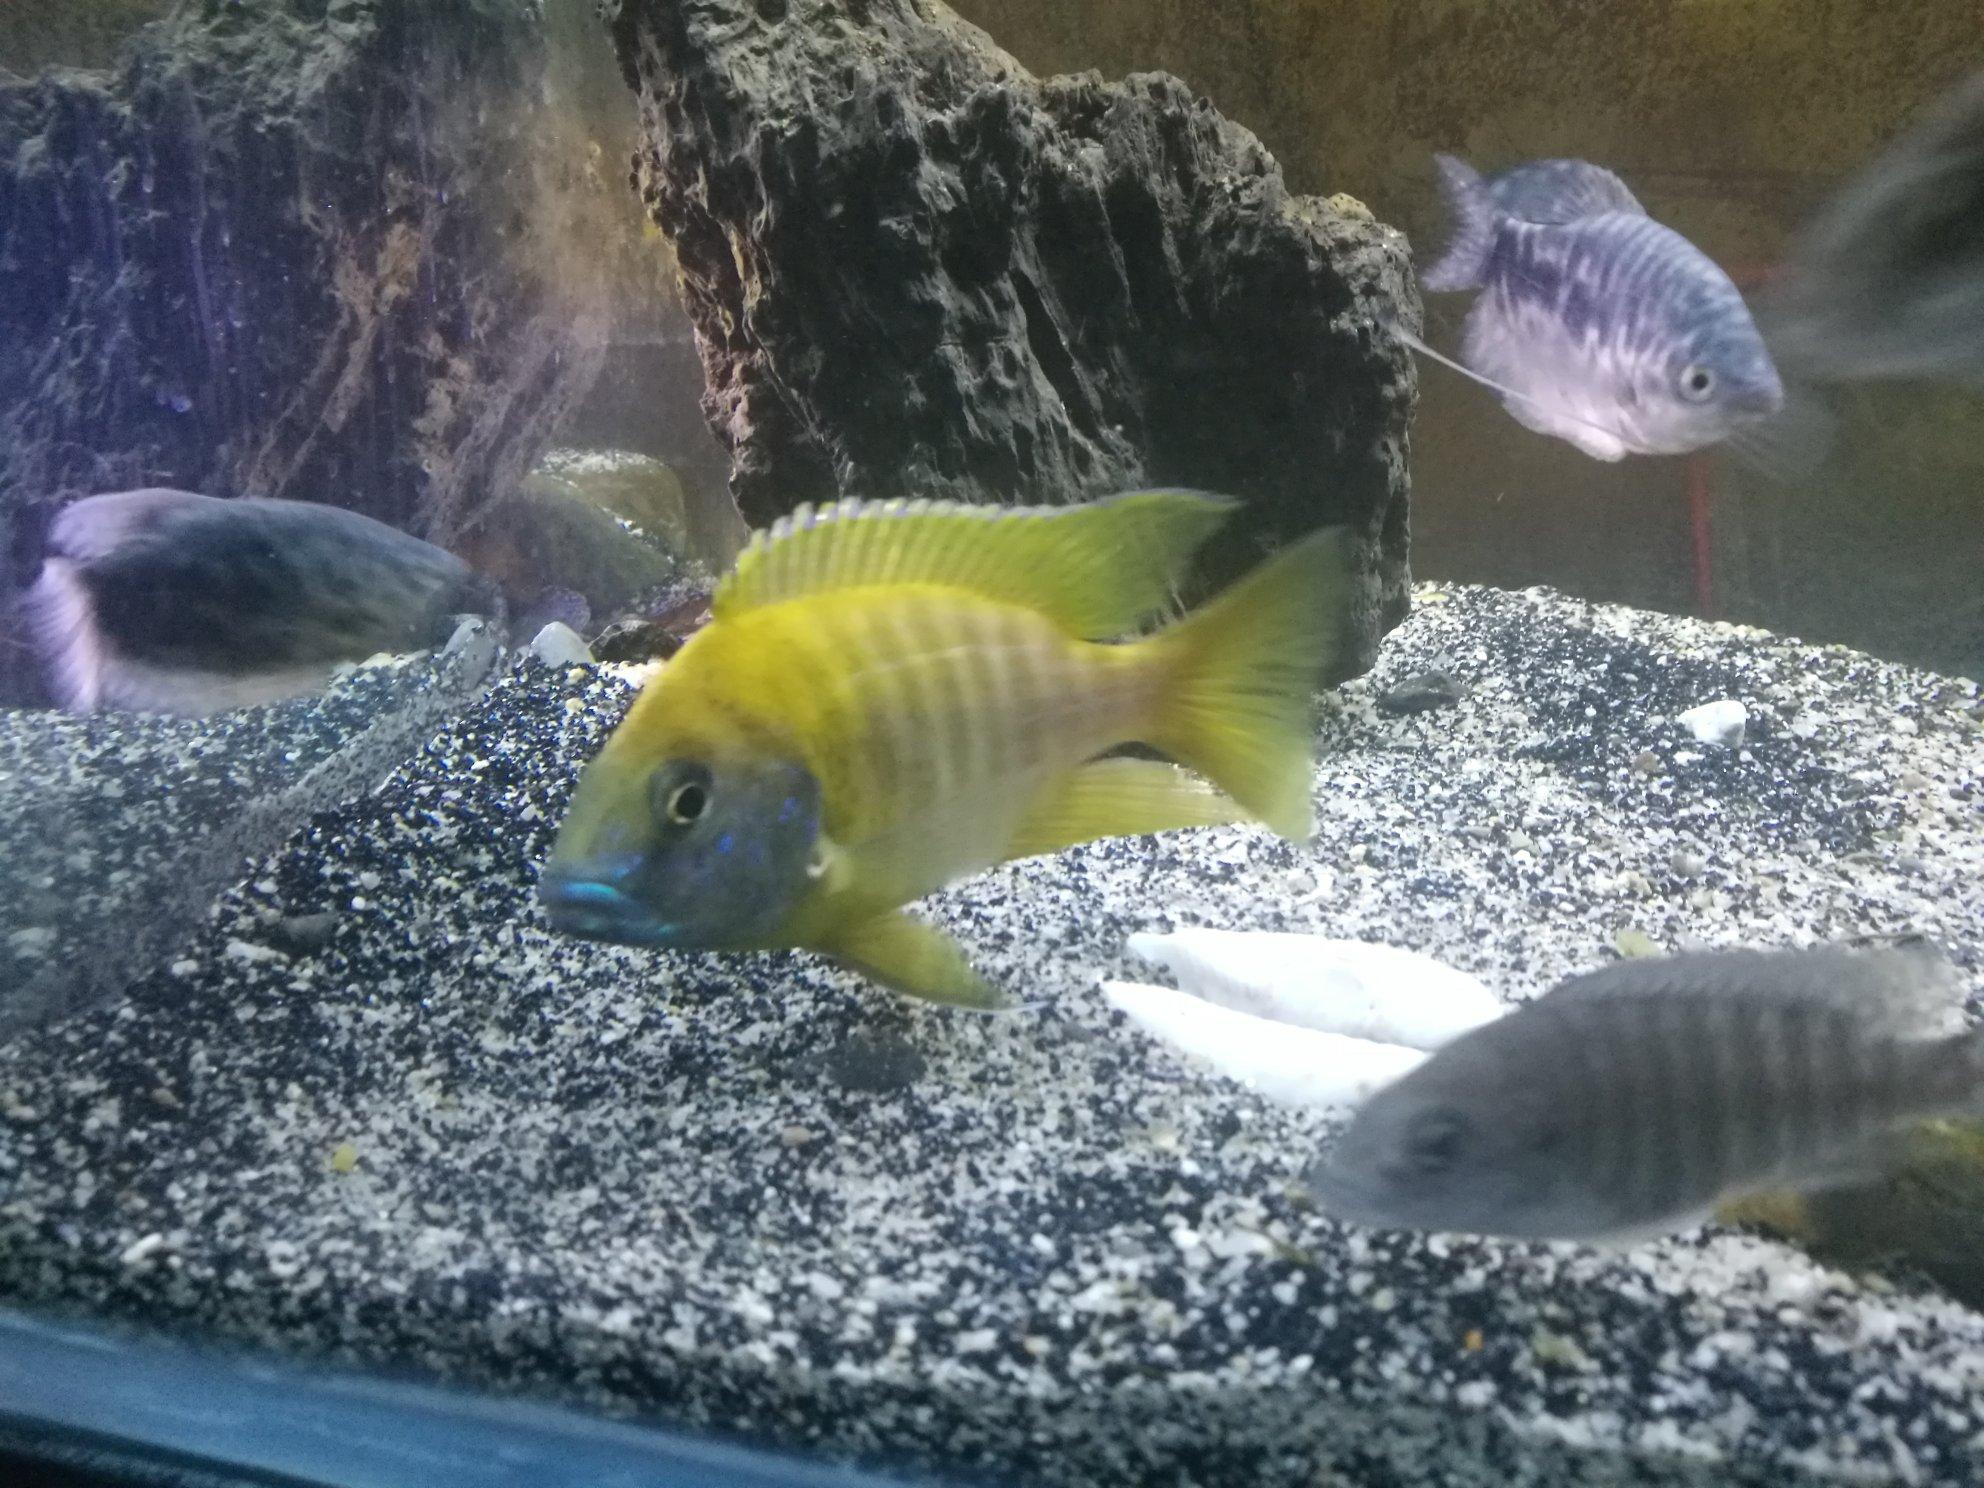 三湖金松鼠繁殖记录 西安观赏鱼信息 西安博特第2张